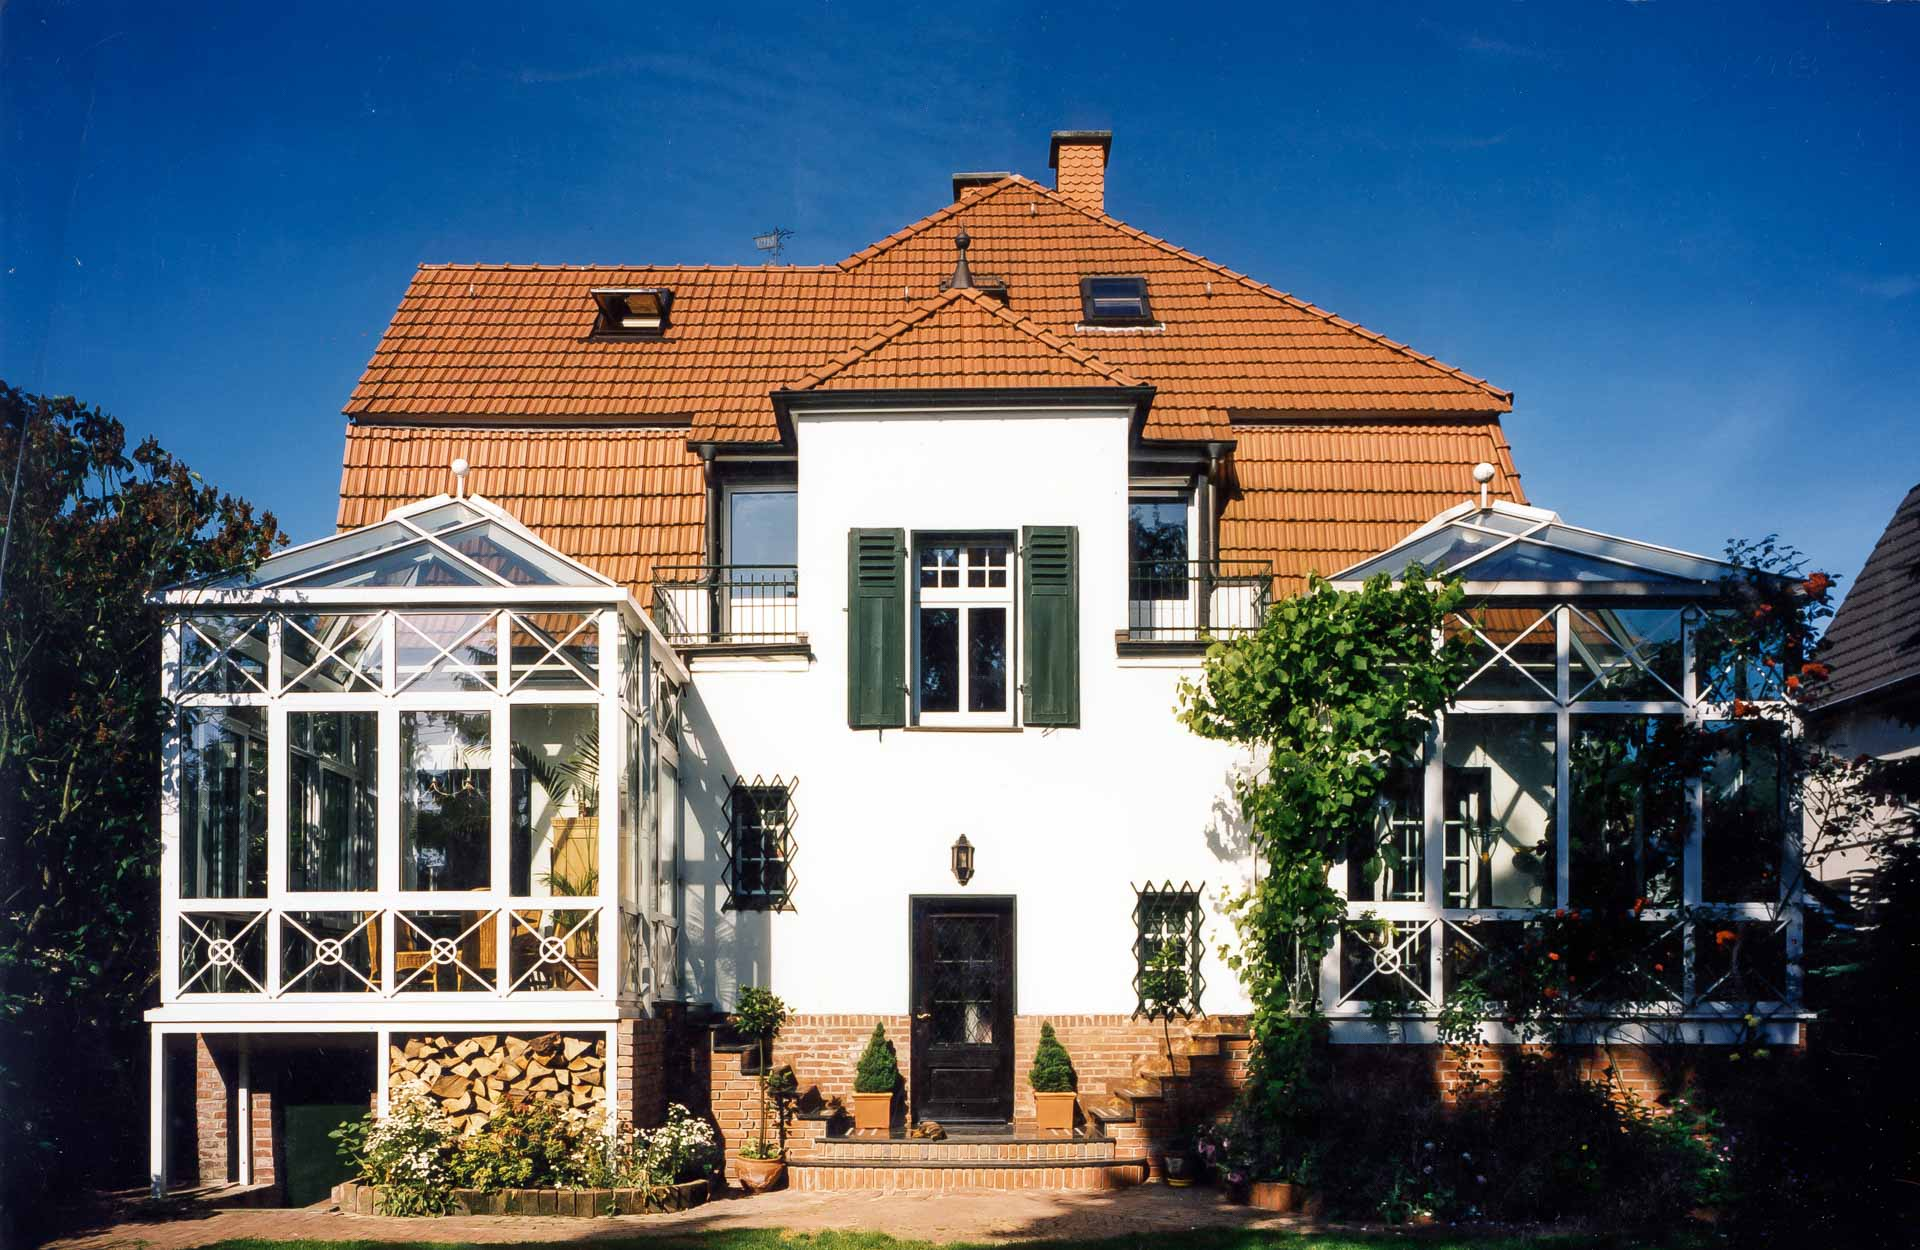 Wintergarten in Rheine (Objekt 481). Essen und Wohnen von erhöhter Warte mit Ausblick in den Garten